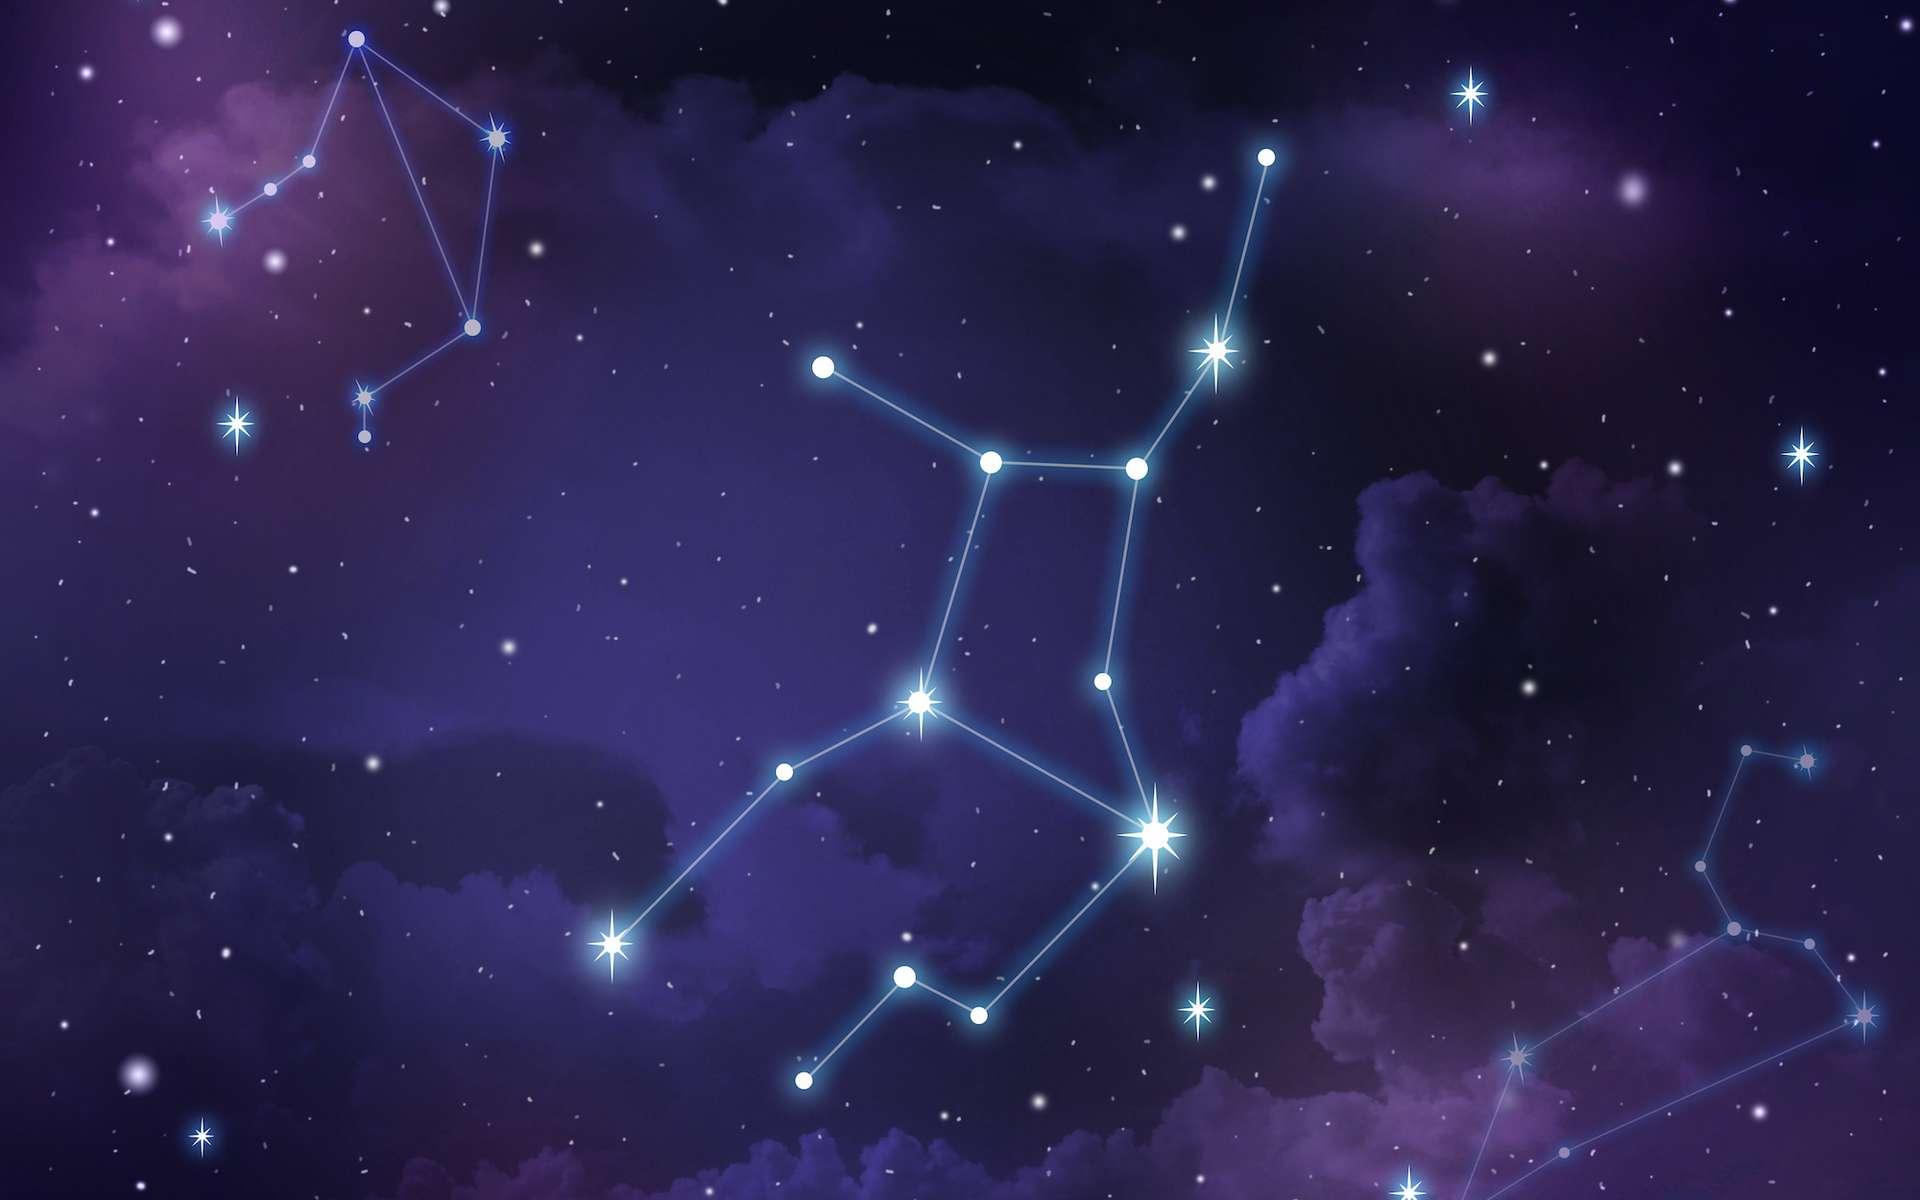 Apprenez à reconnaître les constellations grâce à notre quiz. © baitoey, Adobe Stock